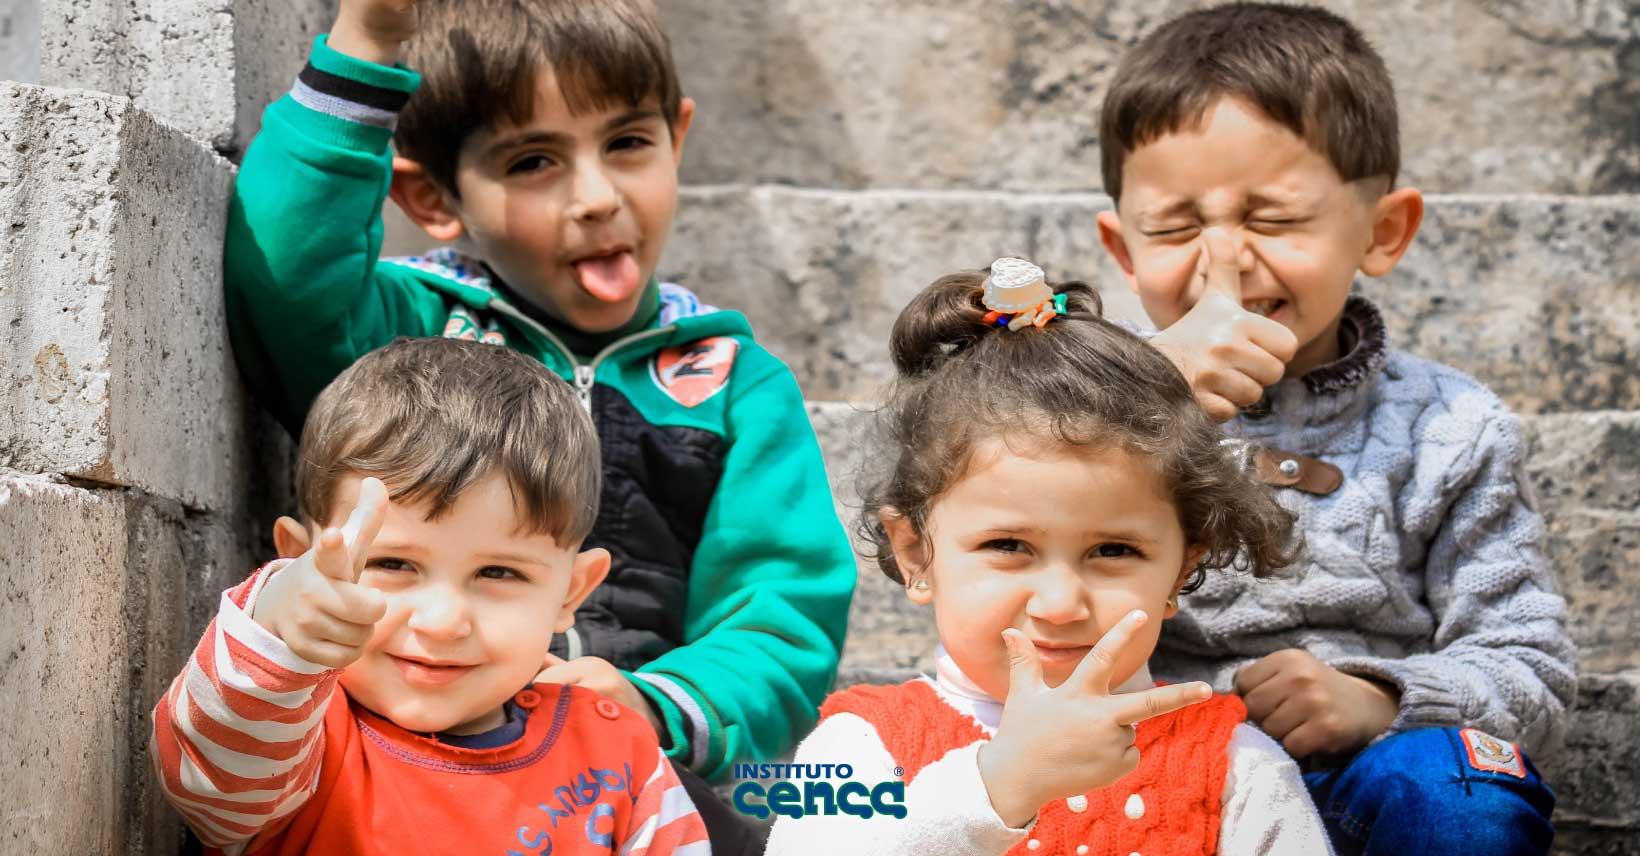 La importancia de fomentar la inteligencia social en la edad preescolar